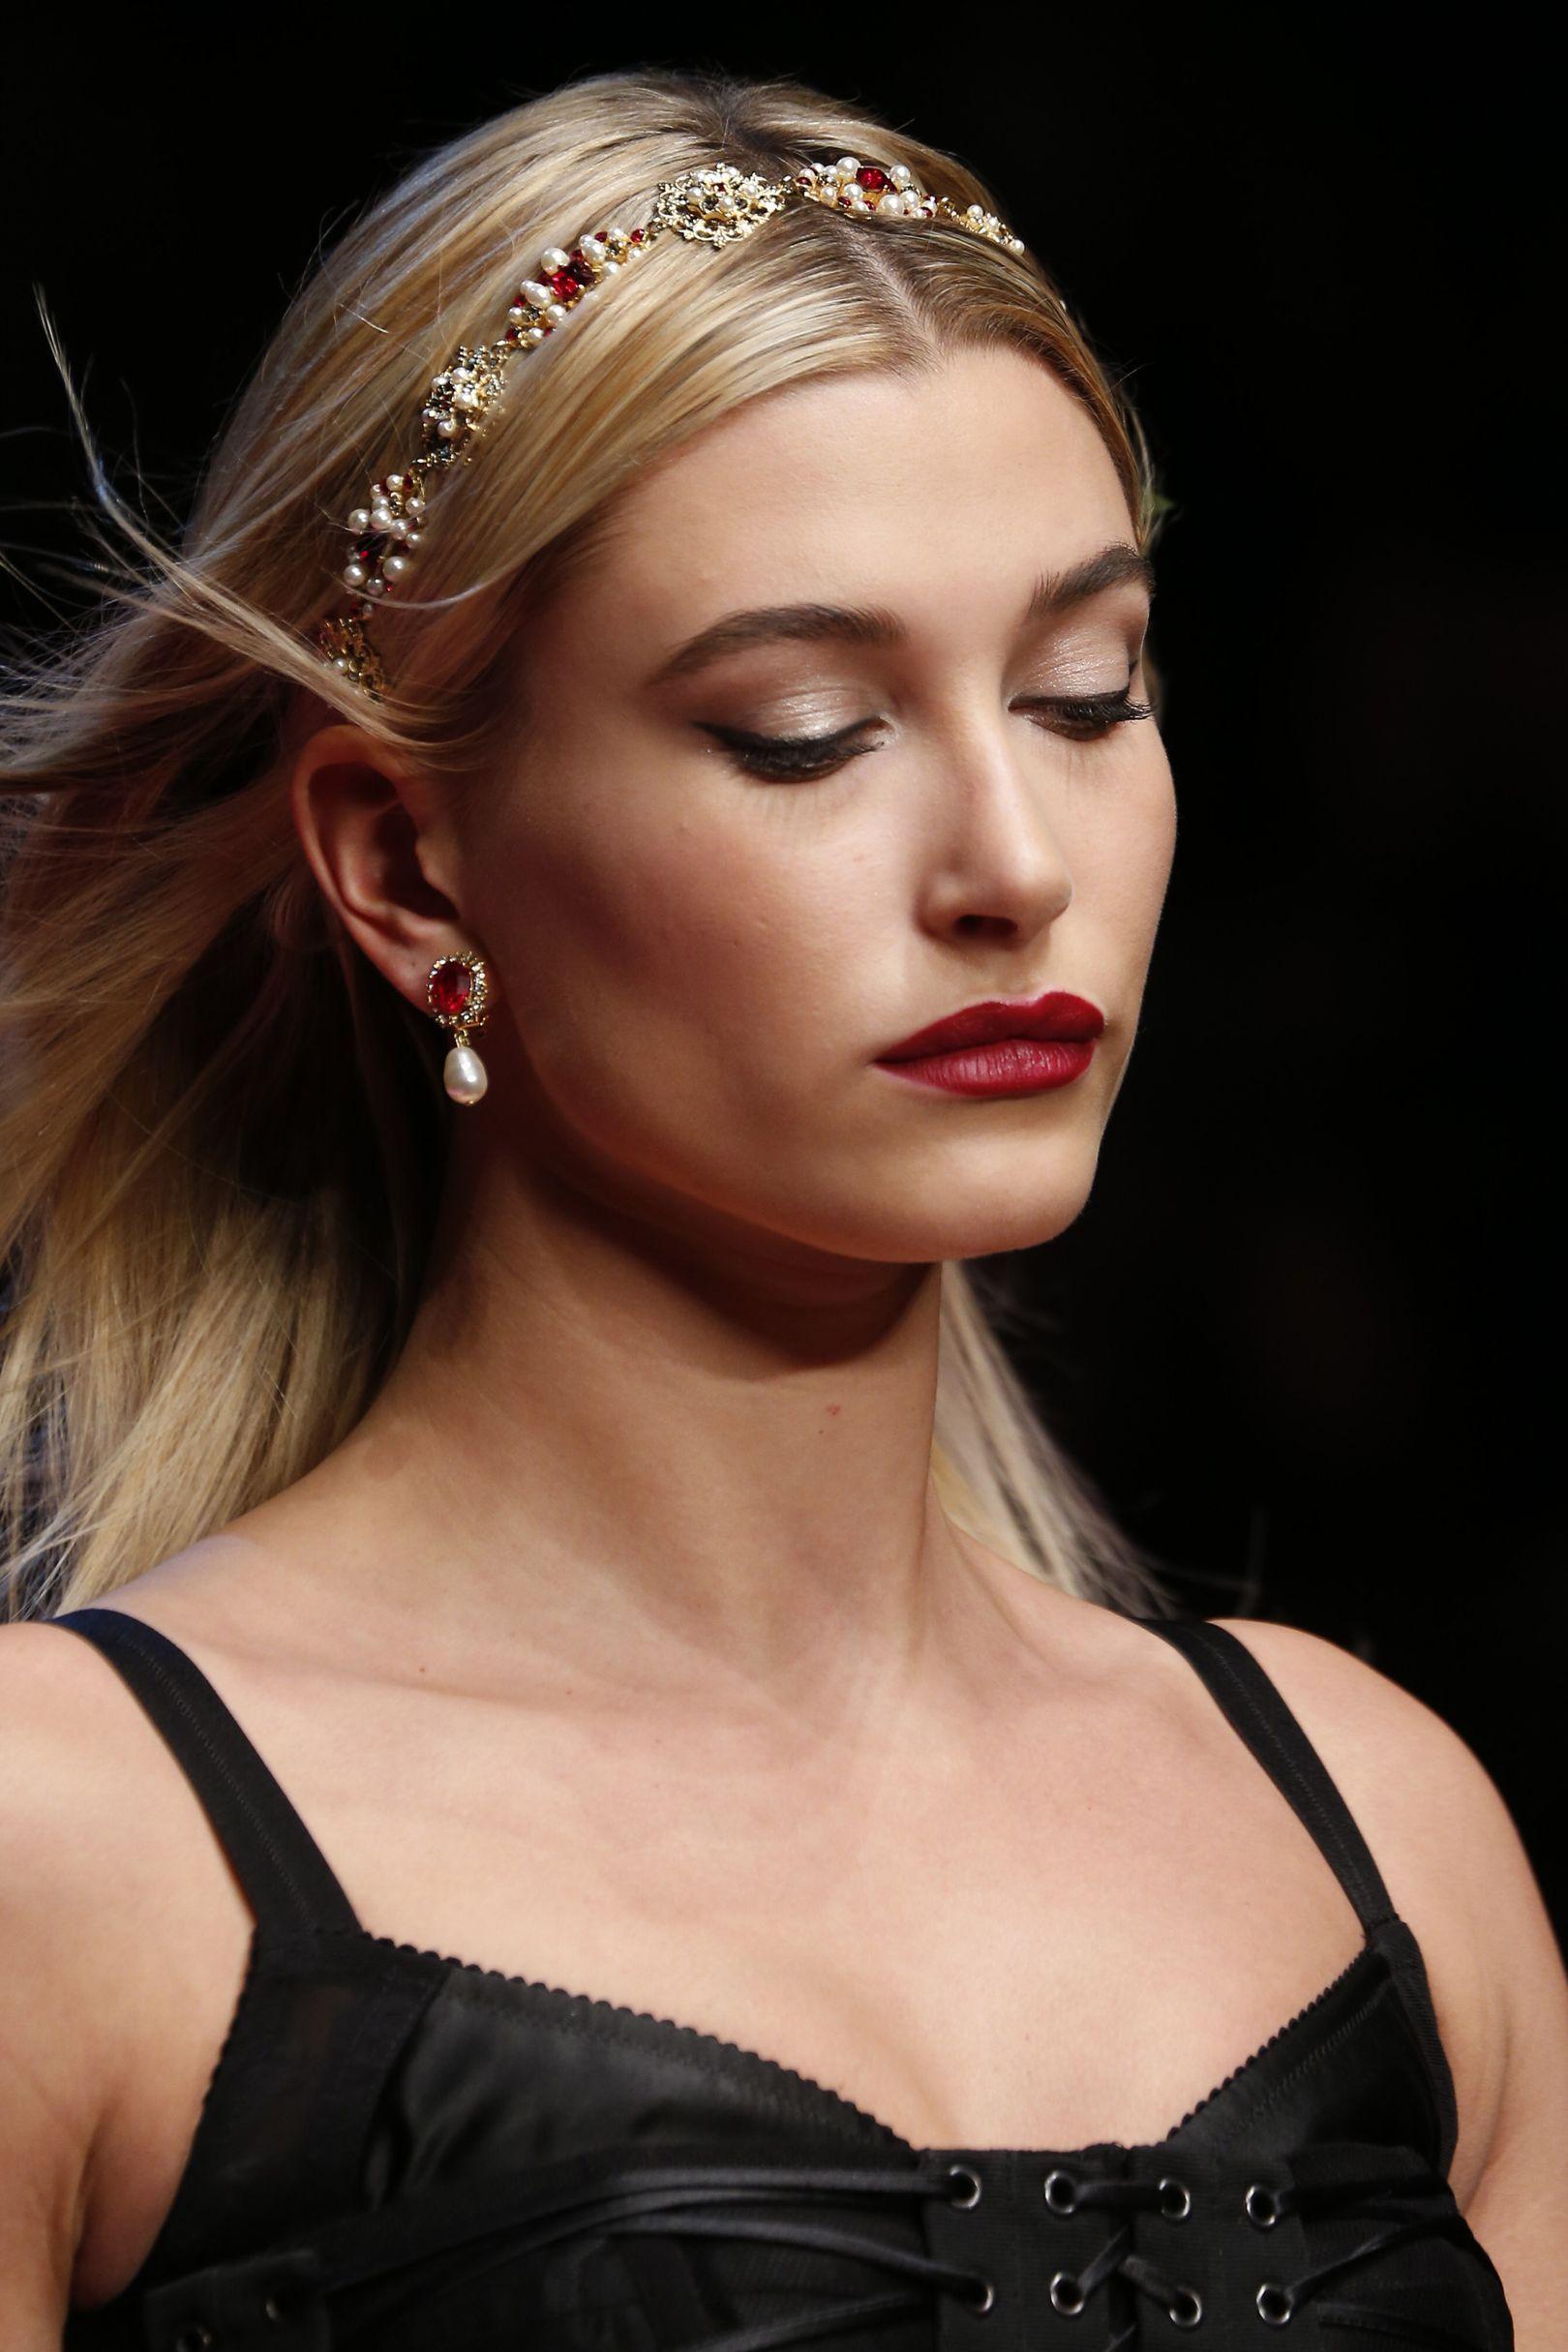 Hill sherri prom dresses black, Allen lily tackles jewelry